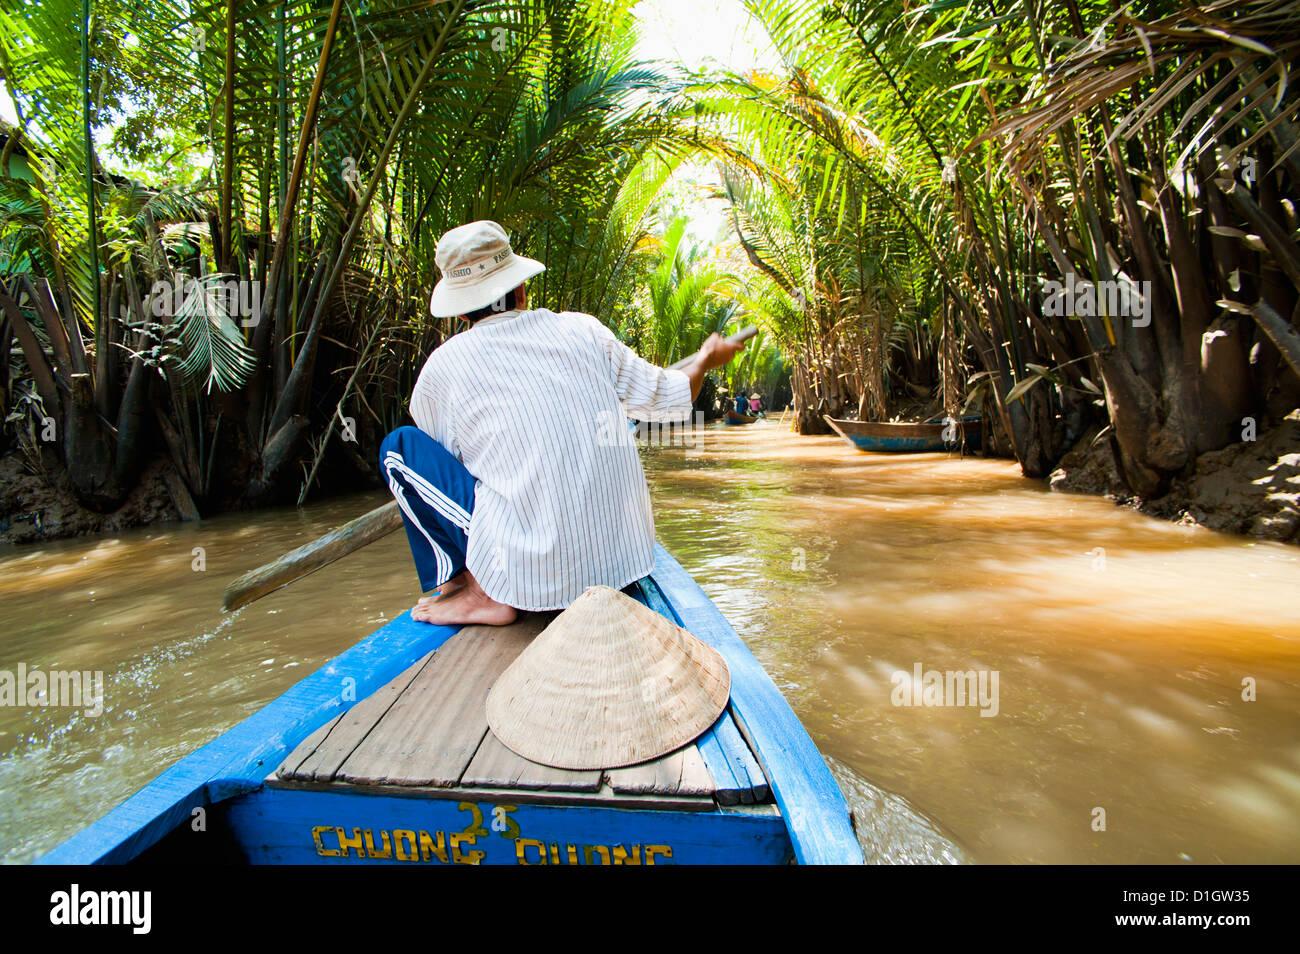 Bootsfahrt auf einem schmalen Fluss im Mekong-Delta, Vietnam, Indochina, Südostasien, Asien Stockbild